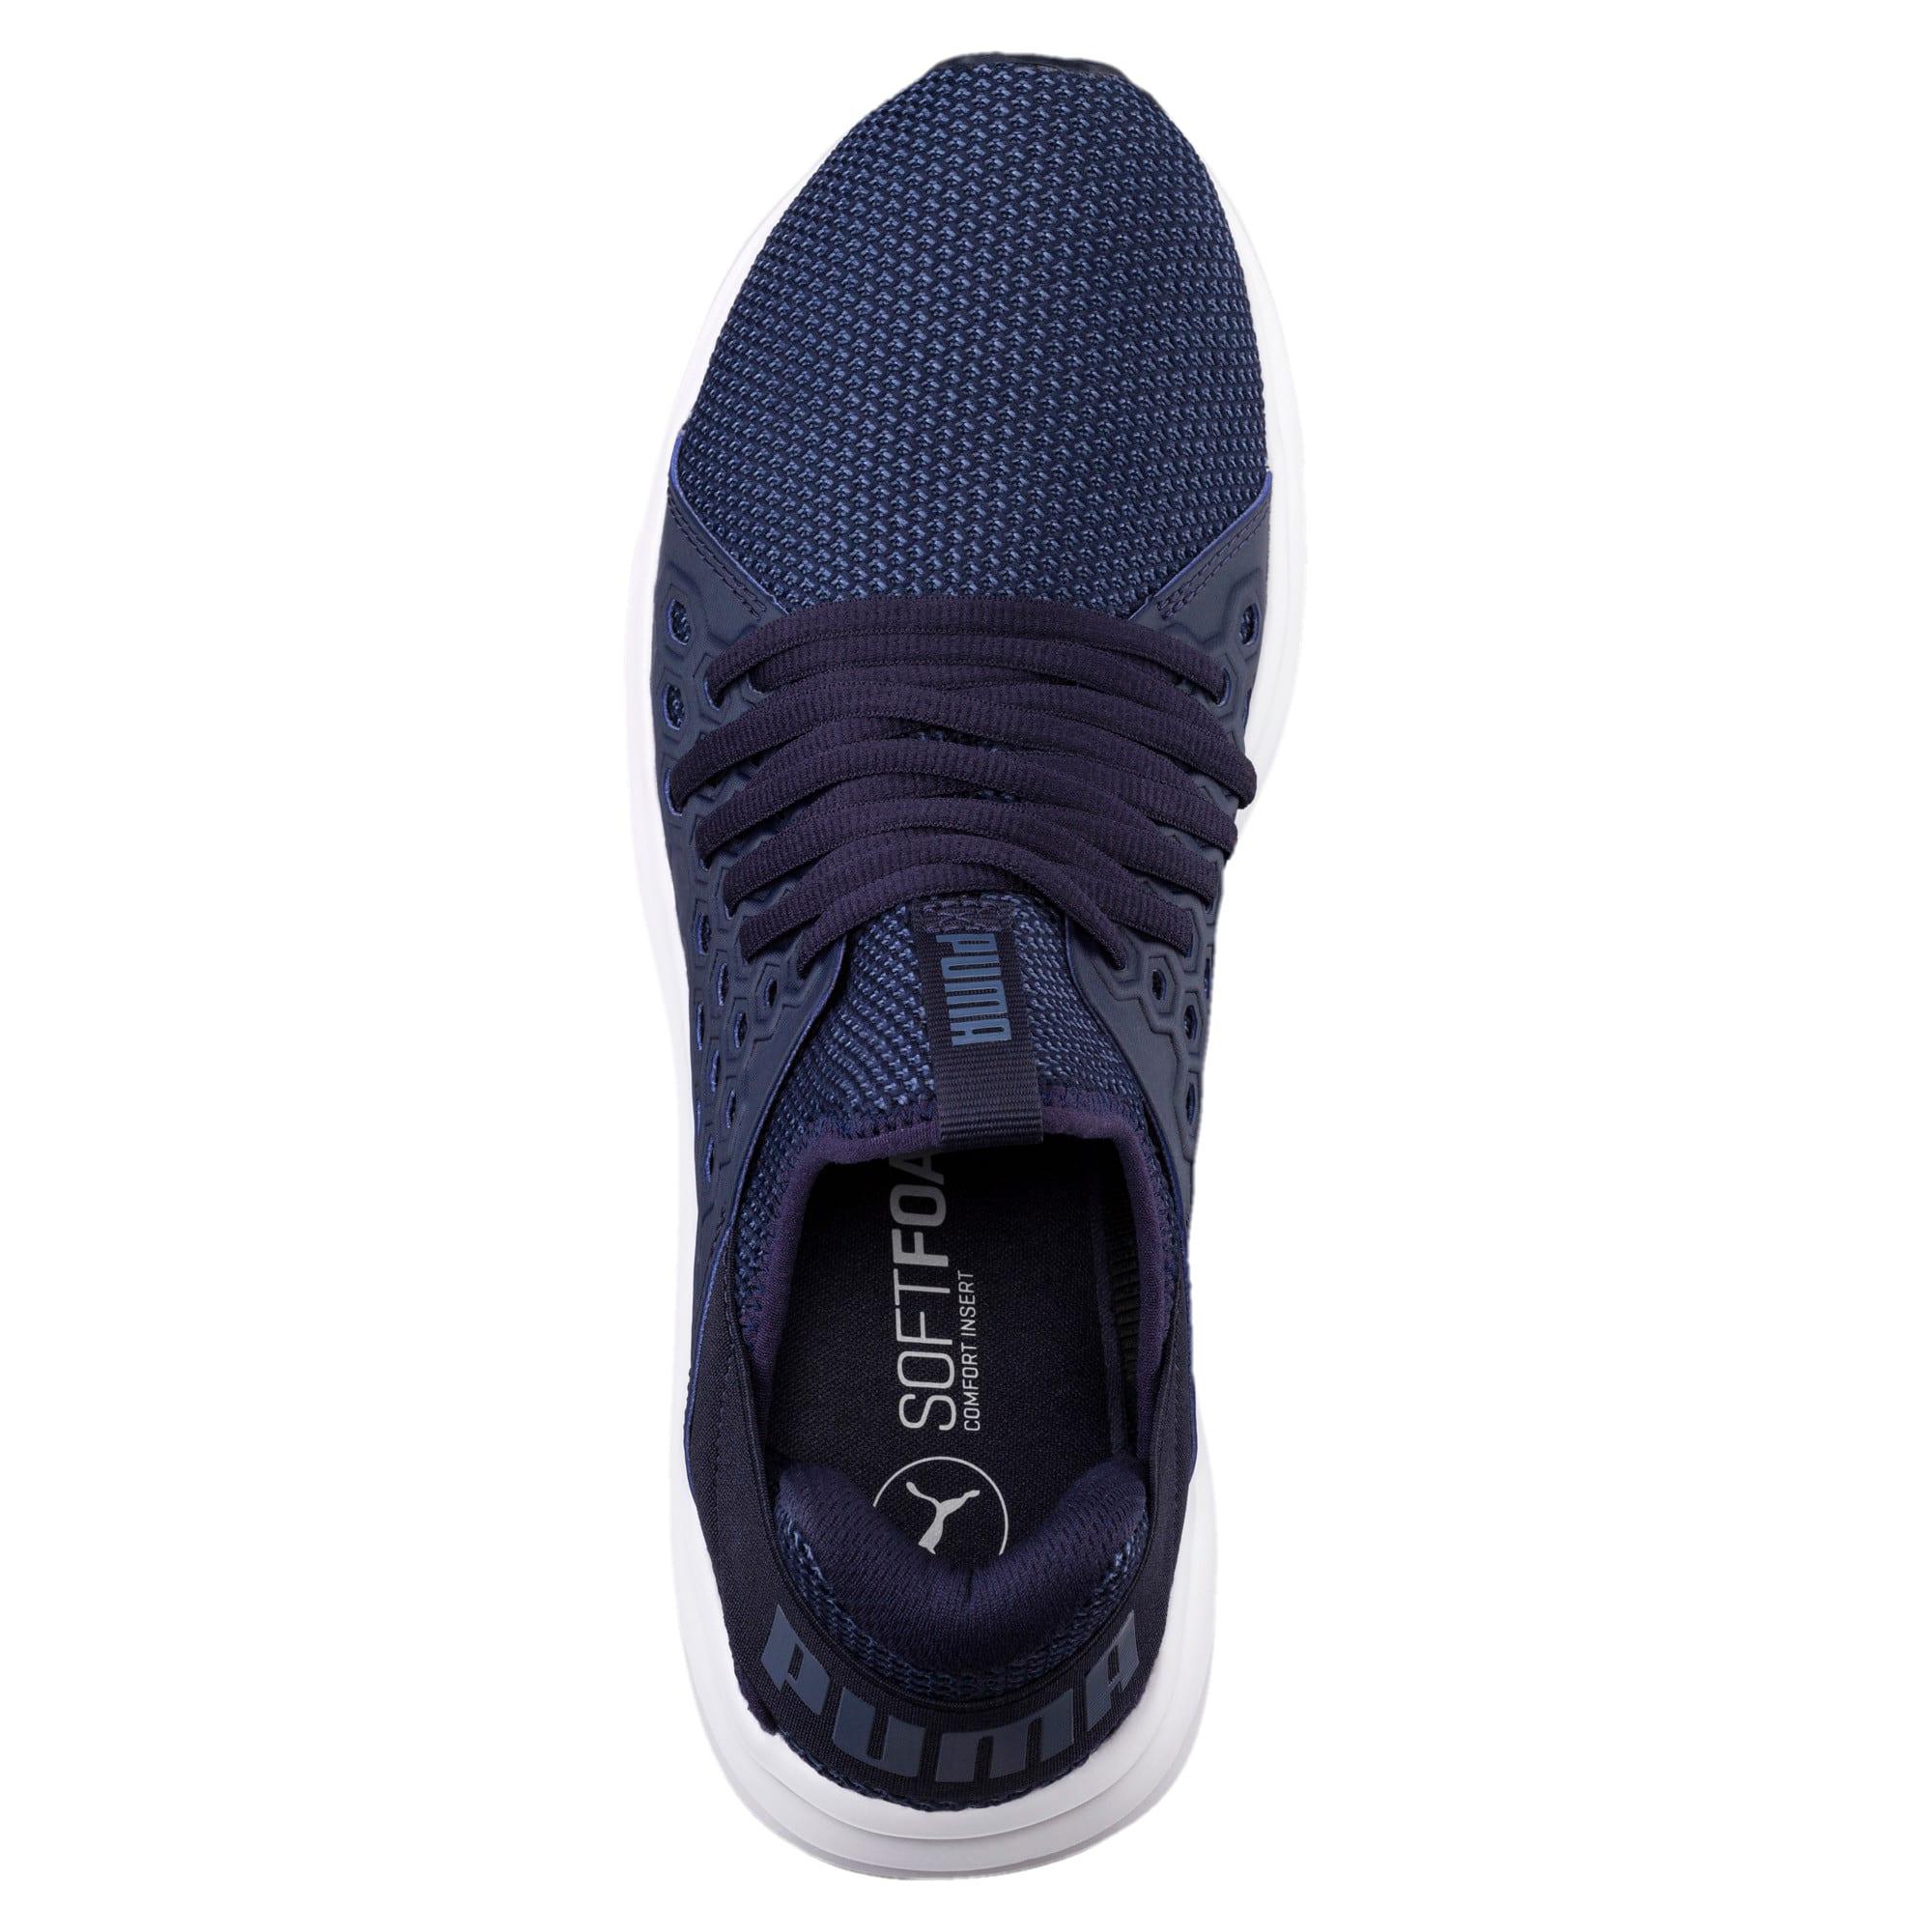 Thumbnail 5 of Enzo NETFIT Men's Training Shoes, Peacoat-Blue Indigo, medium-IND